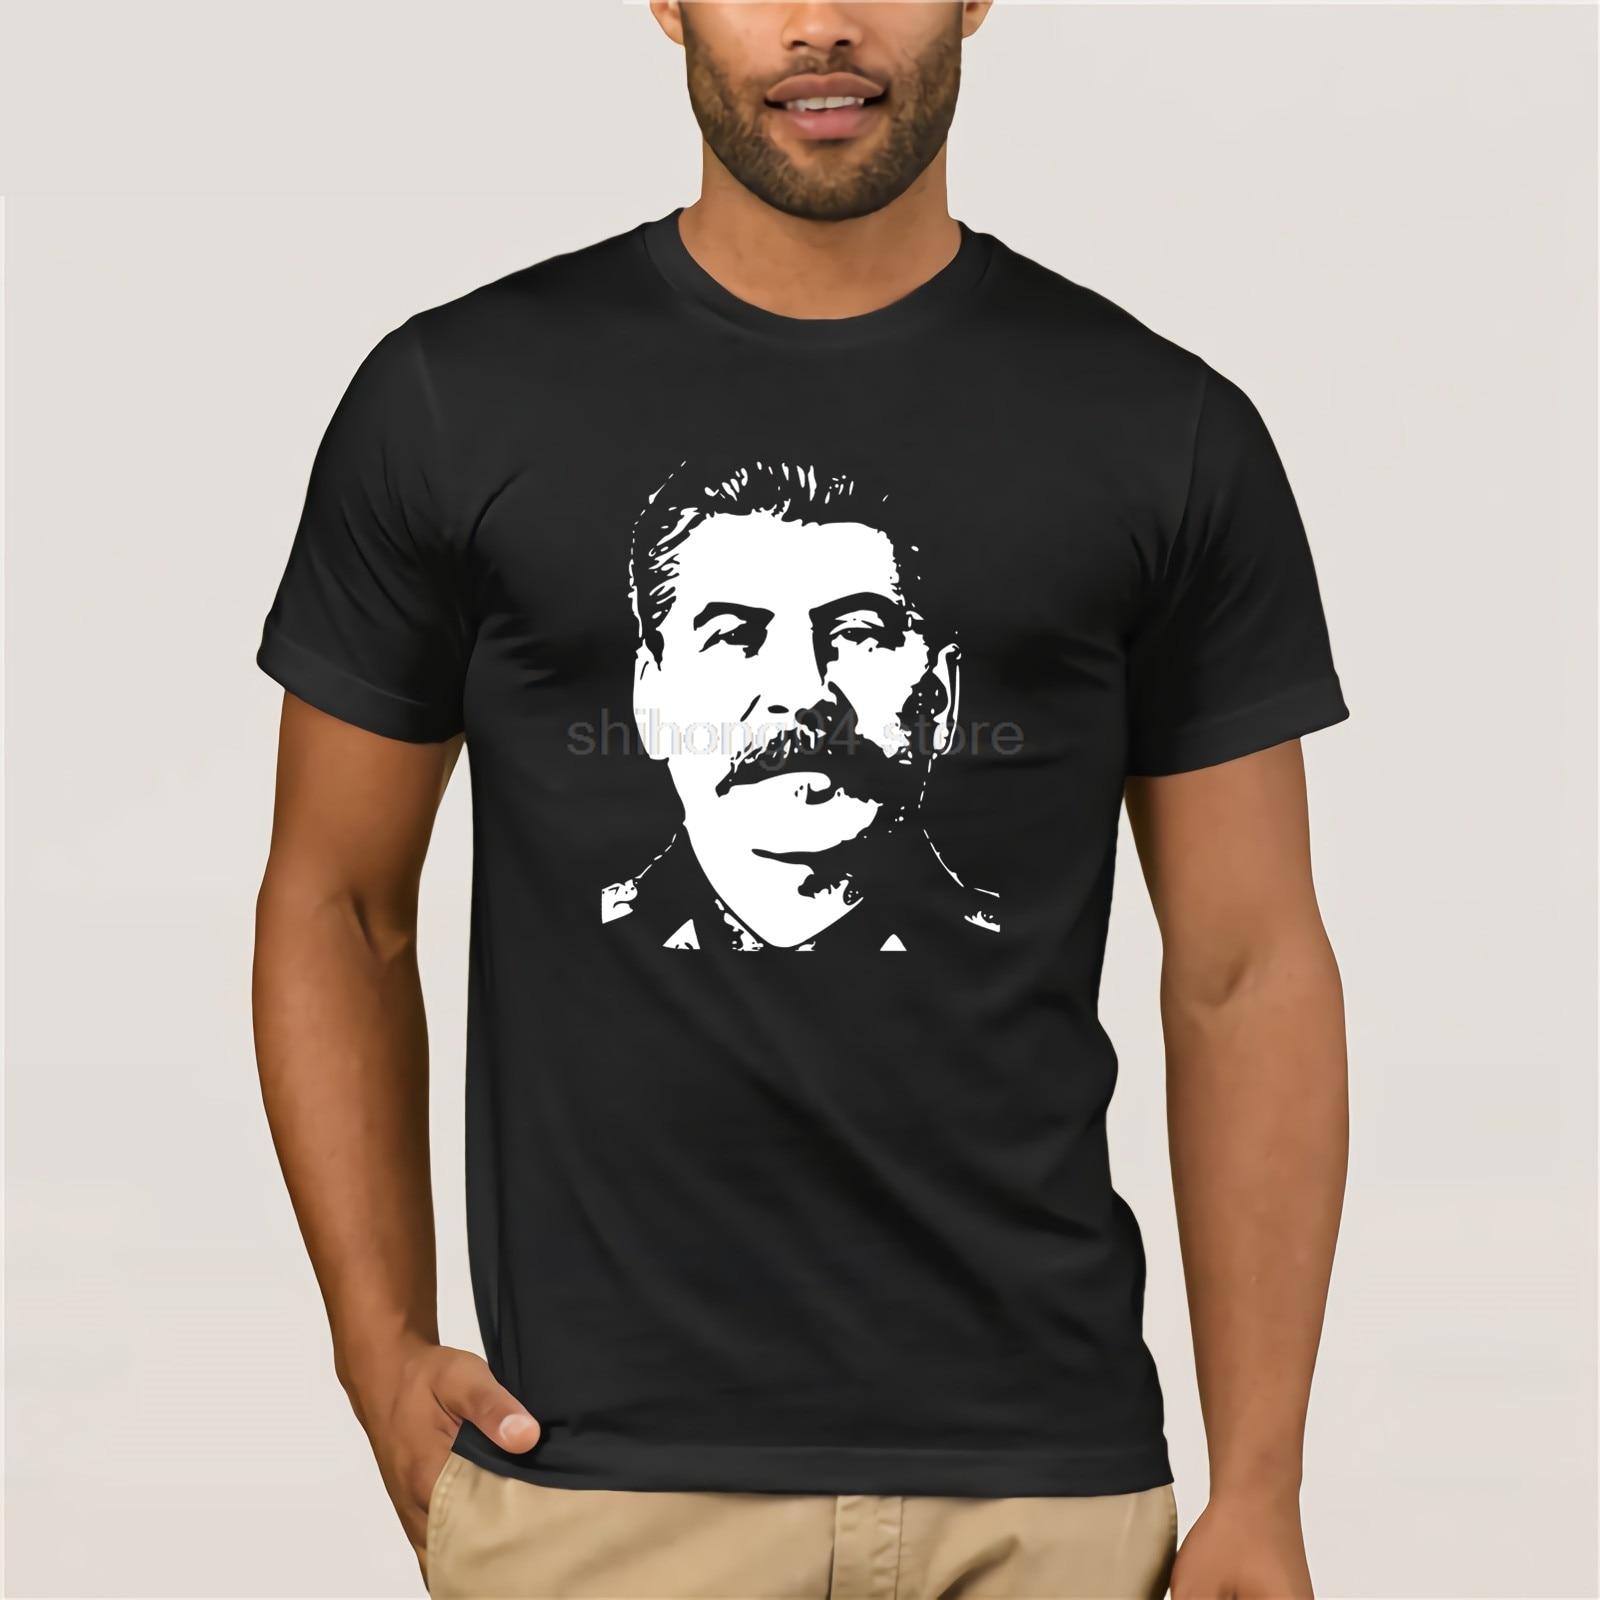 Verão T-Shirt Stalin Esperança Homens Designer De Camisas de T Street Wear Best Selling Adulto Cinza Homens Camisa Para Senhoras